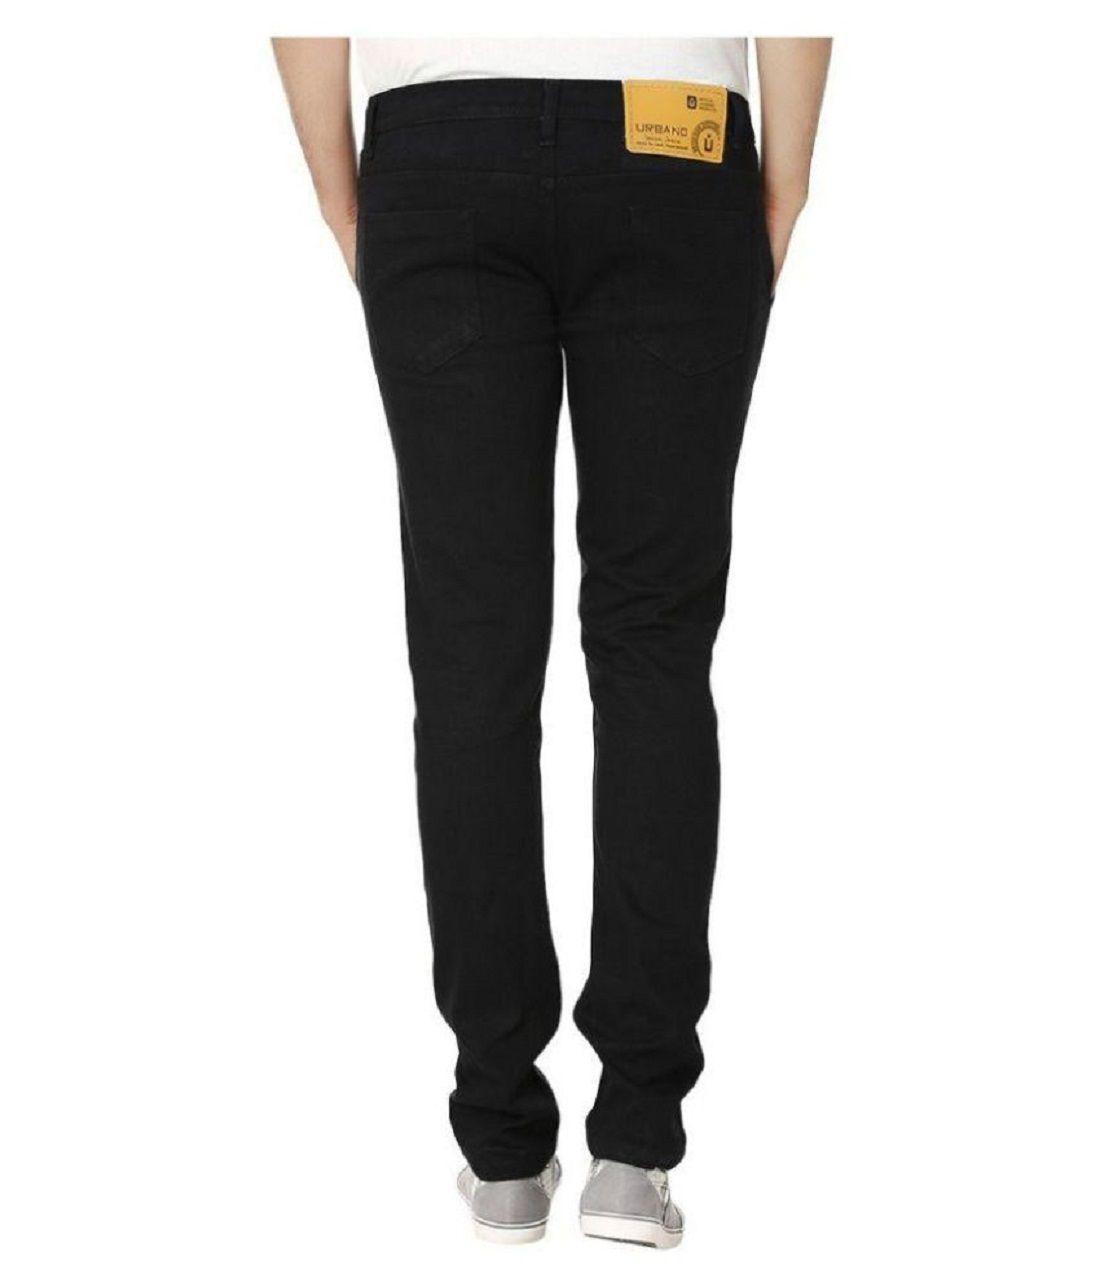 Urbano Fashion Black Slim Jeans - Buy Urbano Fashion Black Slim ...